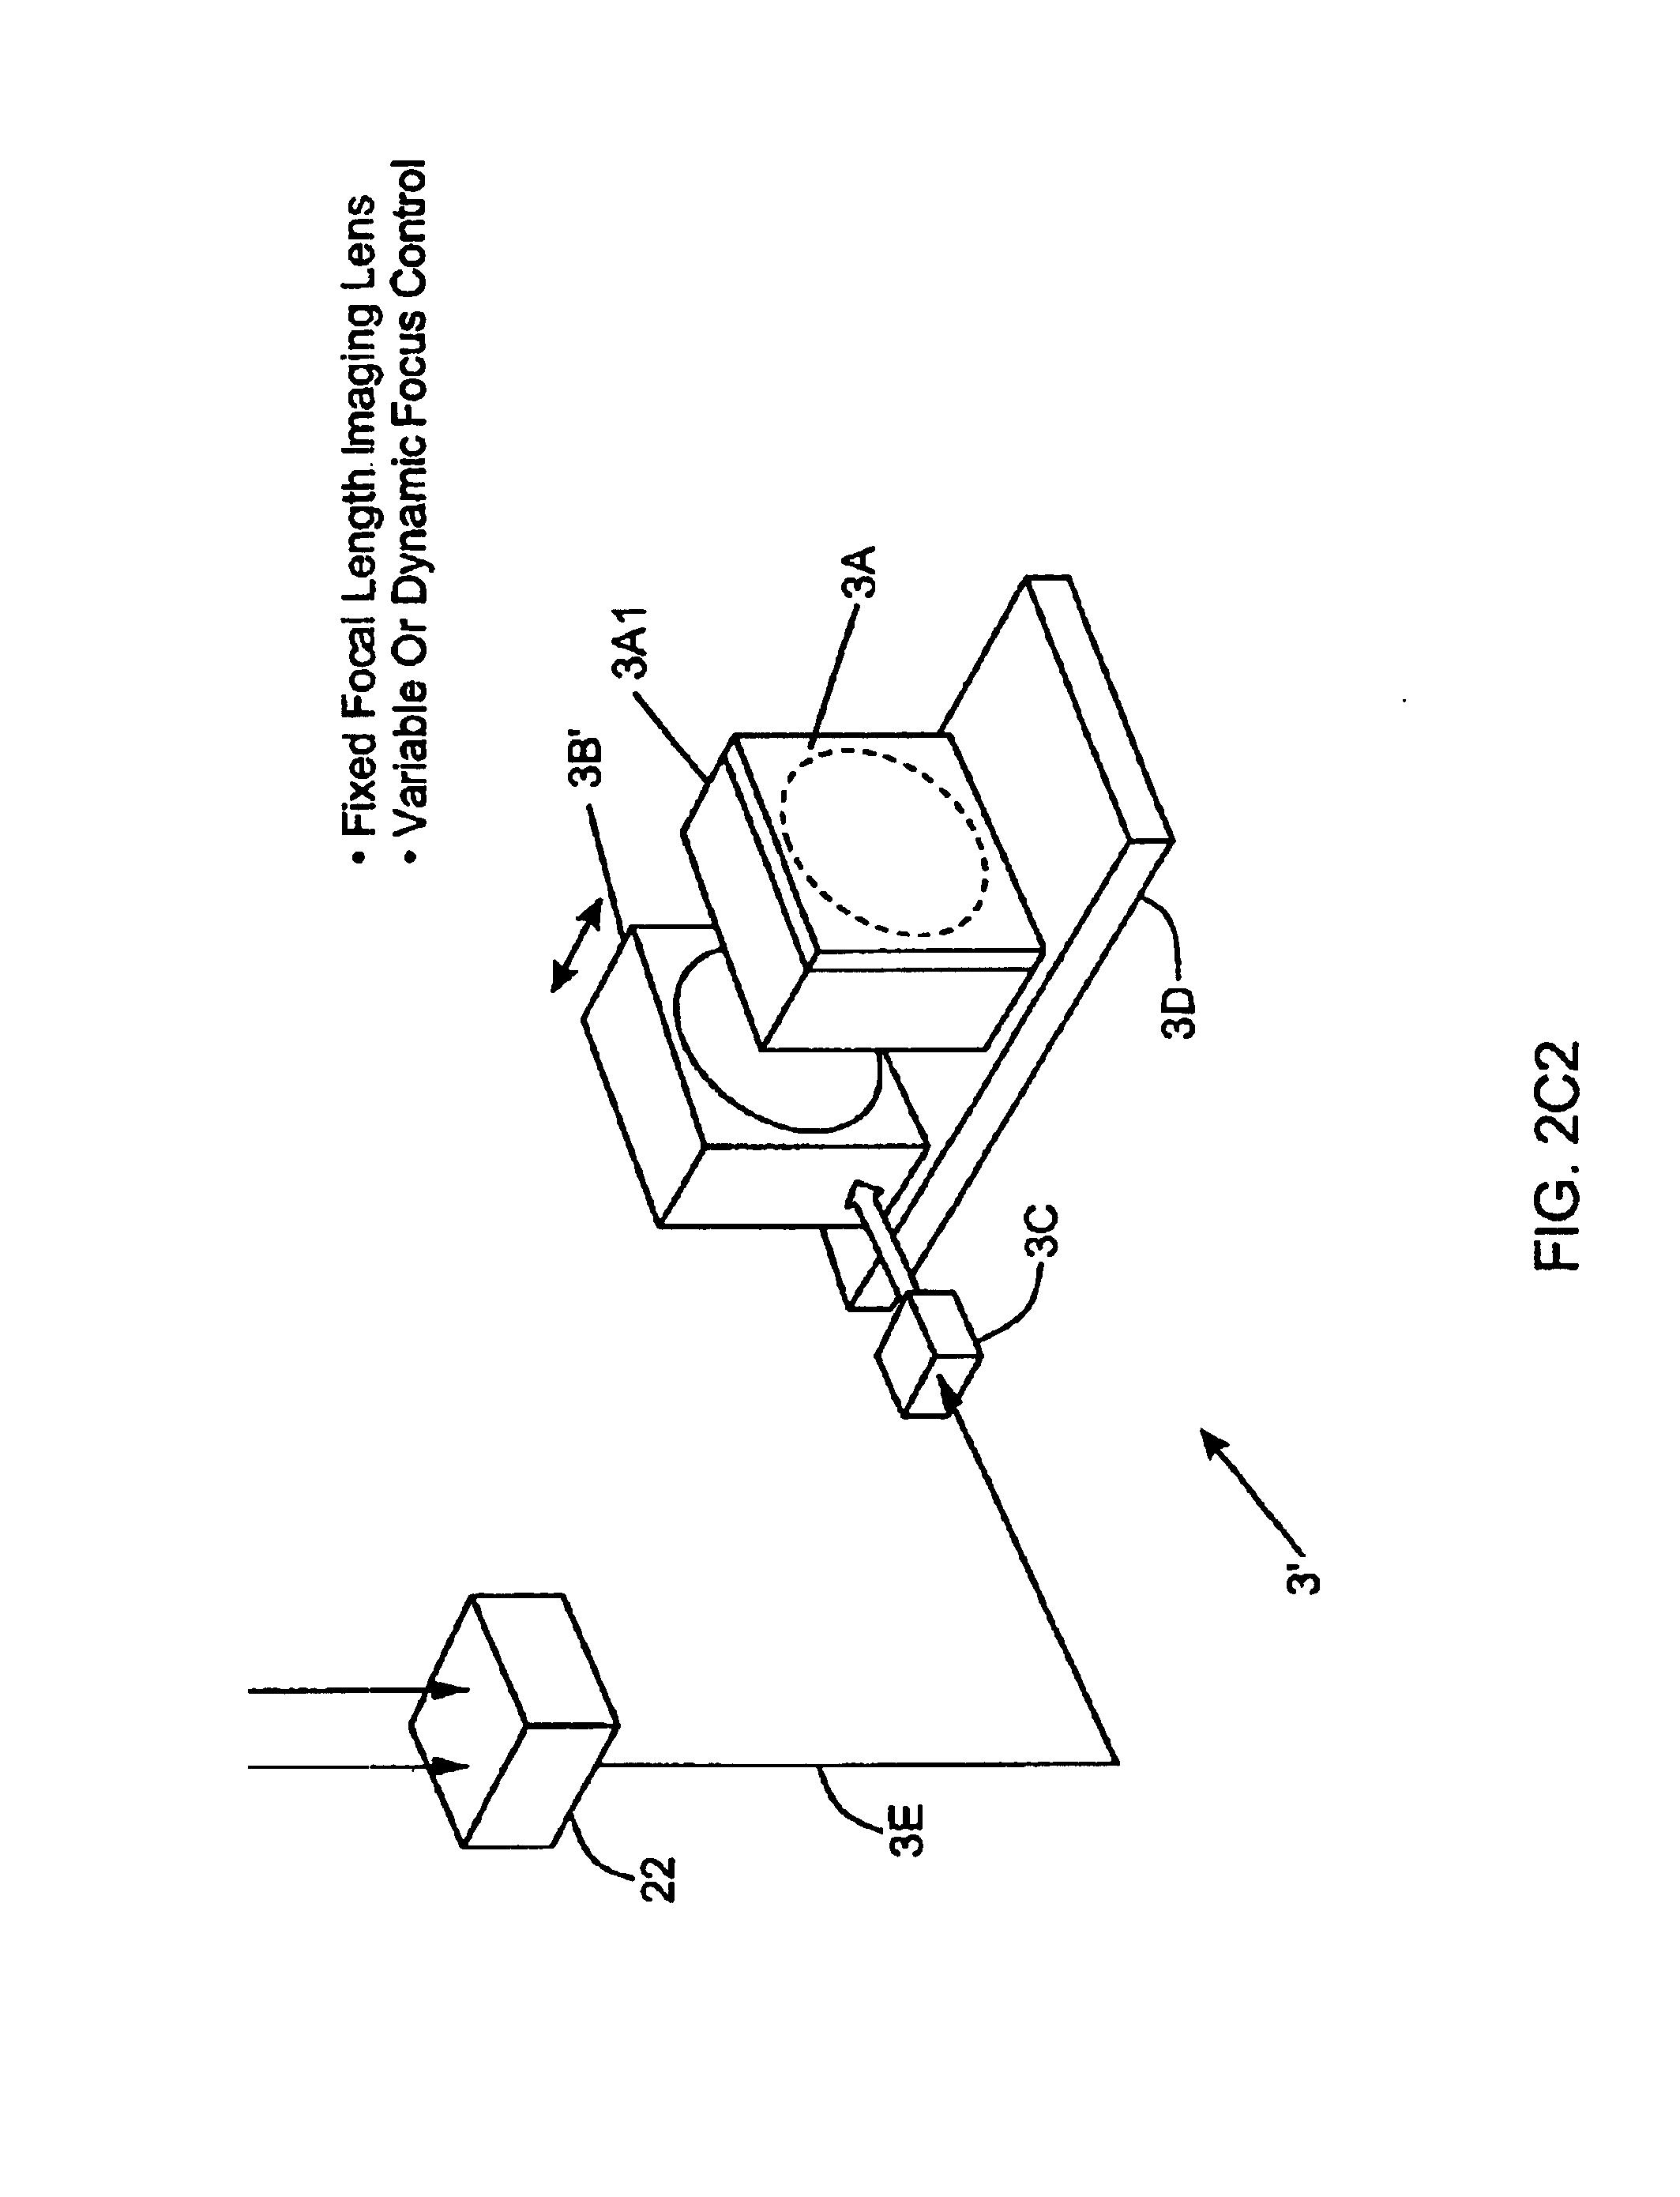 patent us 7 086 594 b2 Alt Wiring Diagram patent images